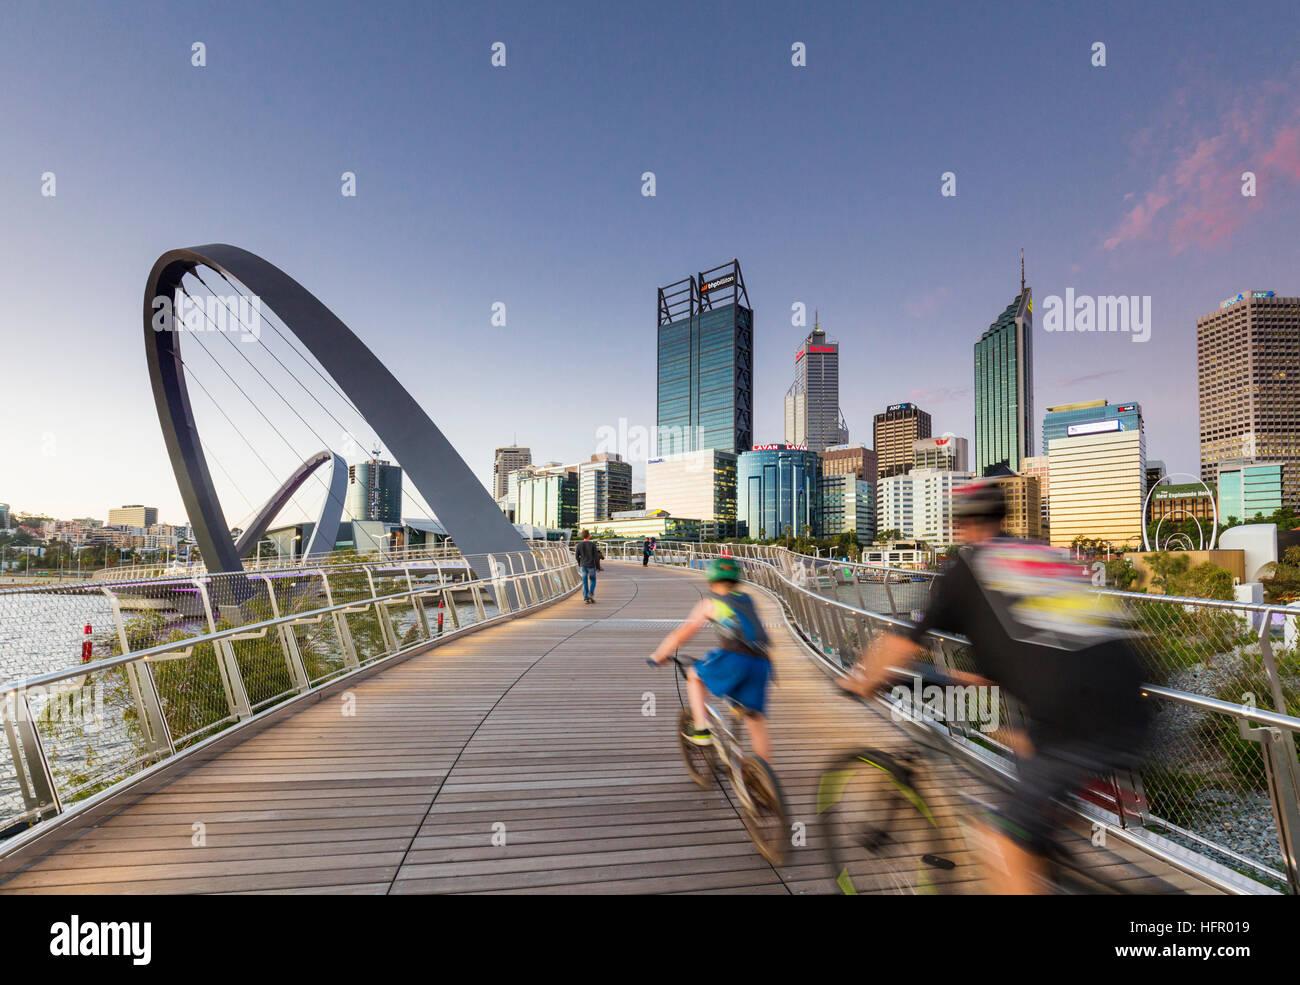 Les cyclistes traversant le pont Elizabeth Quay au crépuscule avec la ville au-delà, Perth, Western Australia, Australia Banque D'Images